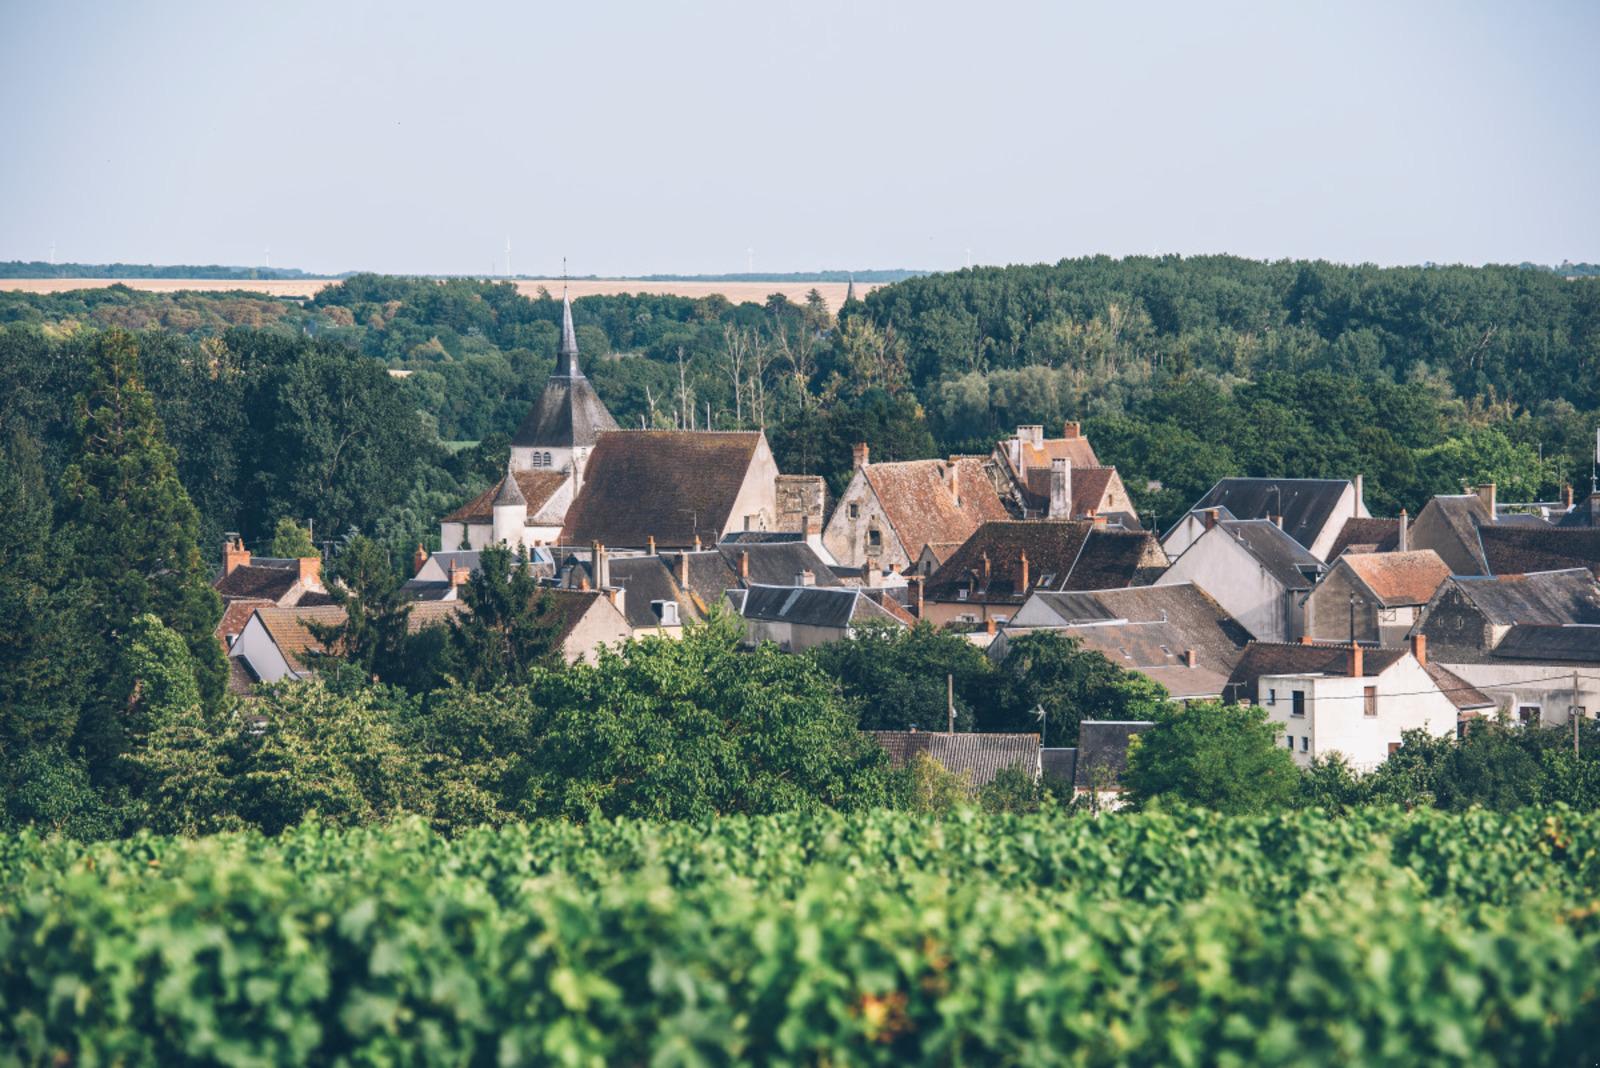 Vue sur le village et les vignobles de Reuilly ©Bestjobers - Max Coquard